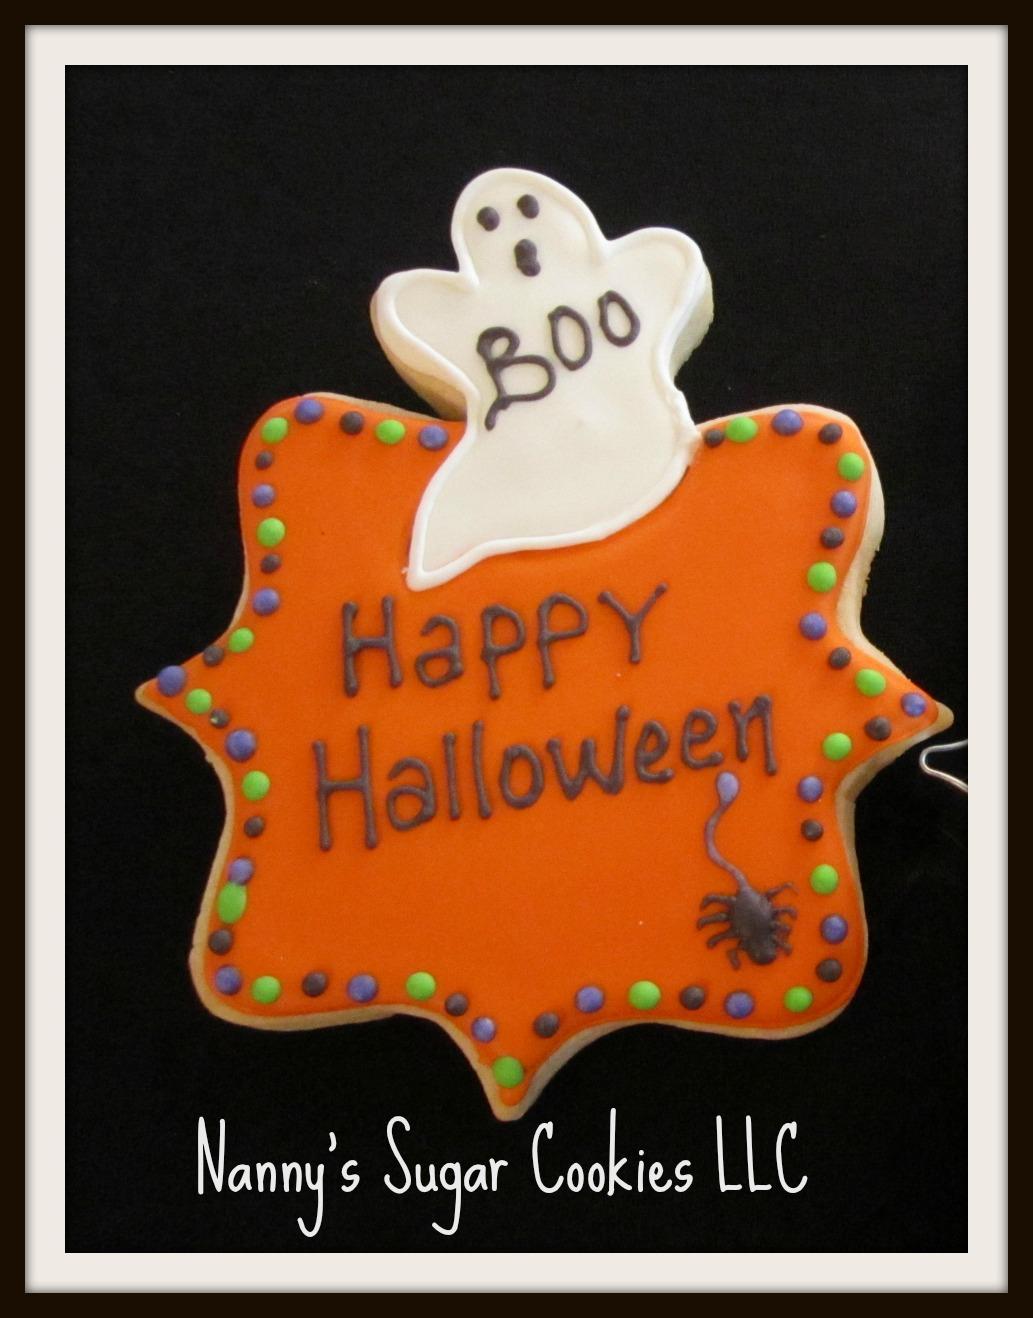 Nanny's Sugar Cookies LLC: October 2012